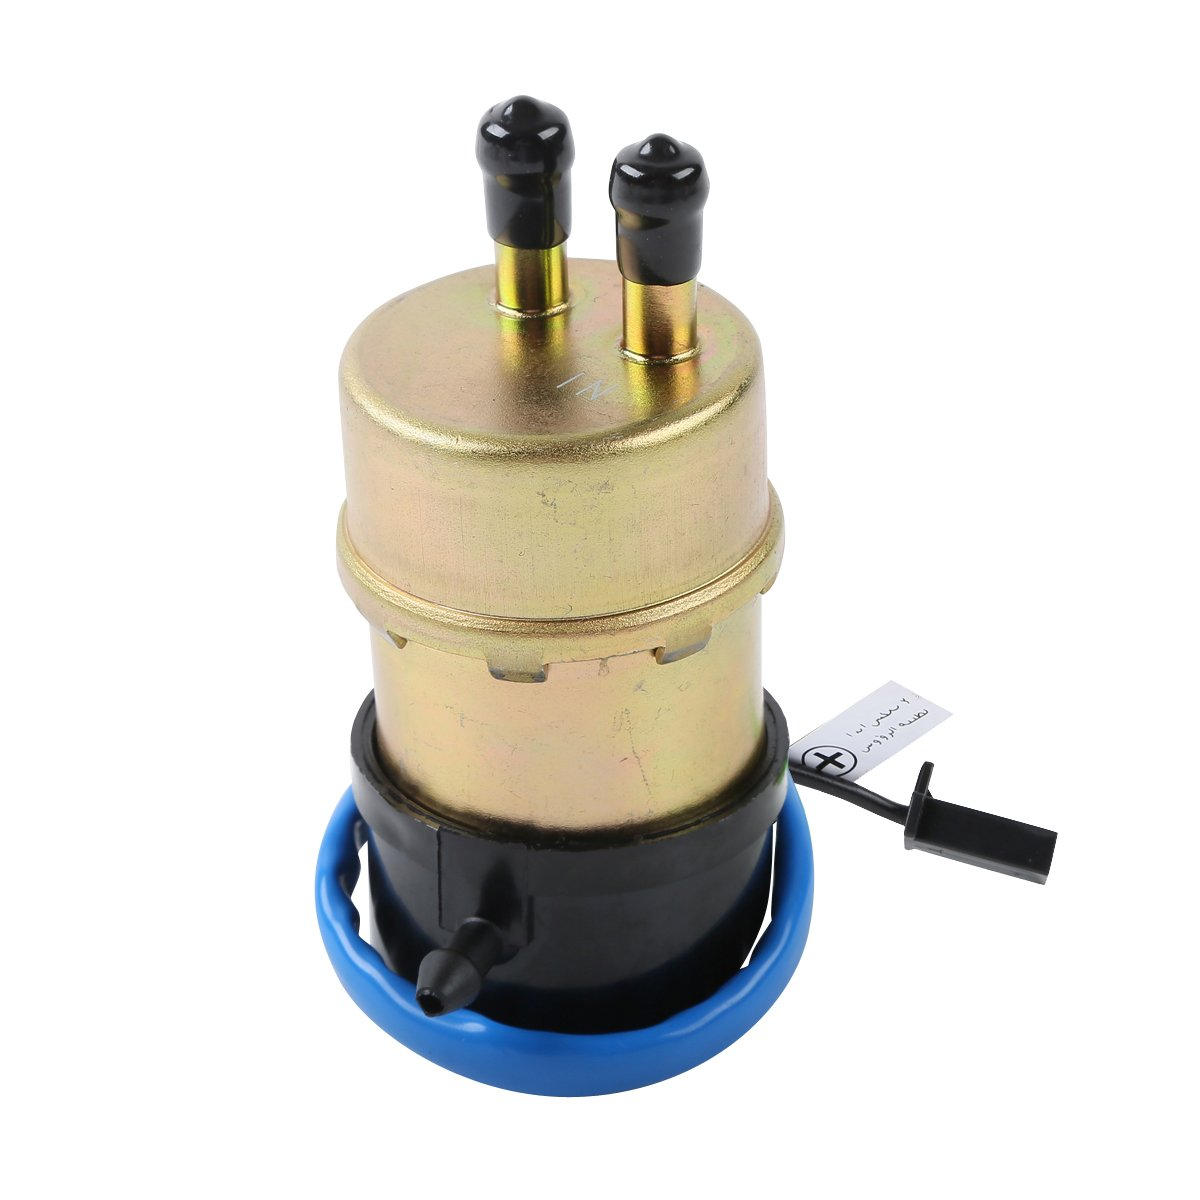 Amazon.com: TCMT 8MM Fuel Pump For Honda CBR600F F2 F3 F4 1987 1988 1989  1990 1991 1992 1993 1994 1995 1996 1997 1998 1999 2000: Automotive